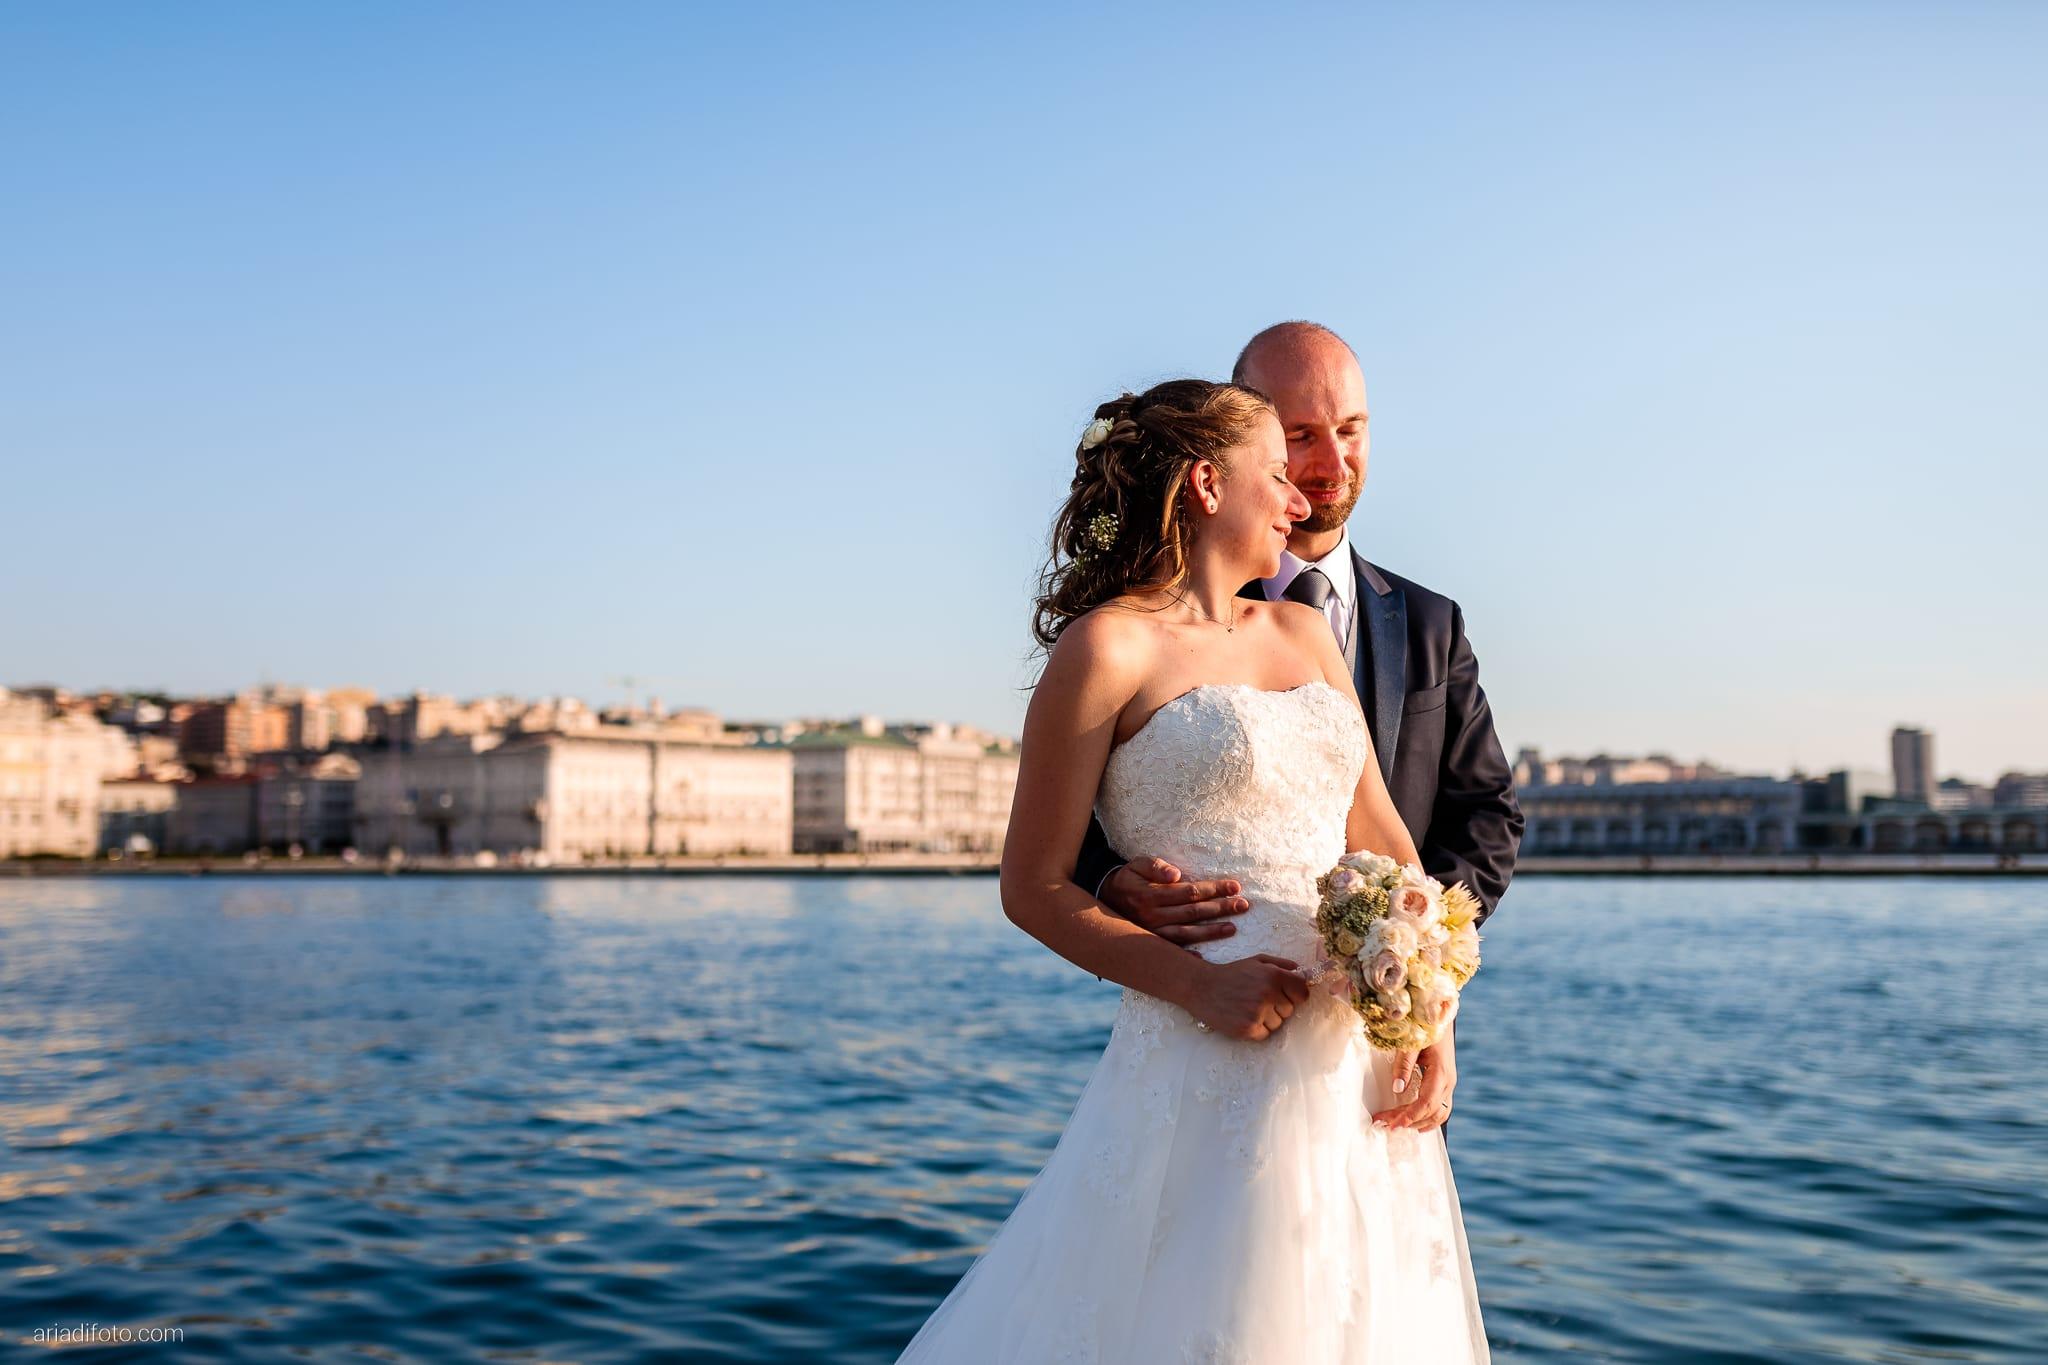 Ester Francesco Matrimonio Cattedrale Castello San Giusto Molo IV Trieste ritratti sposi mare